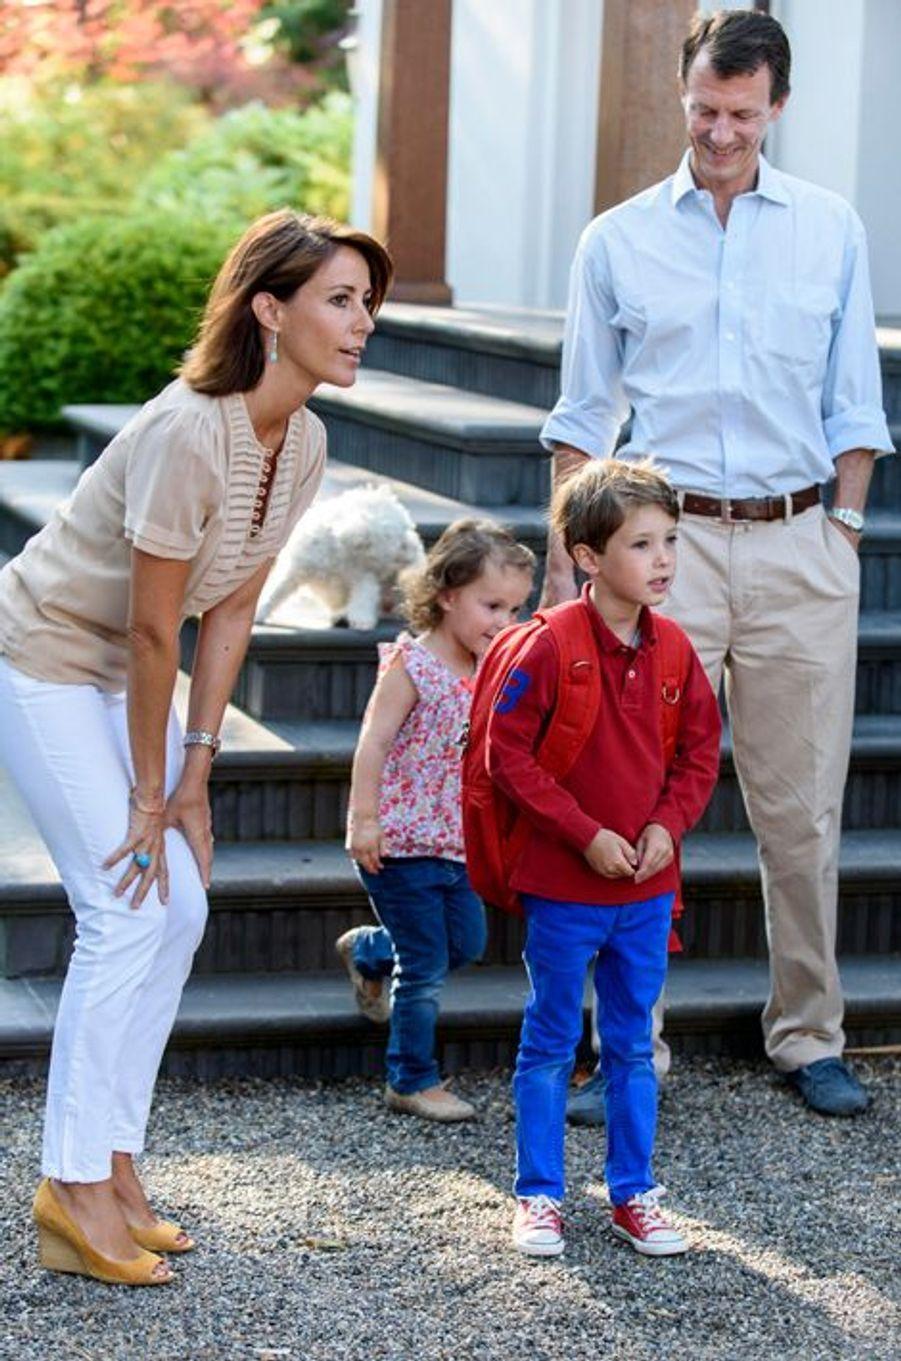 La princesse Marie de Danemark avec le prince Joachim et leurs enfants le jour de la rentrée des classes, le 14 août 2015